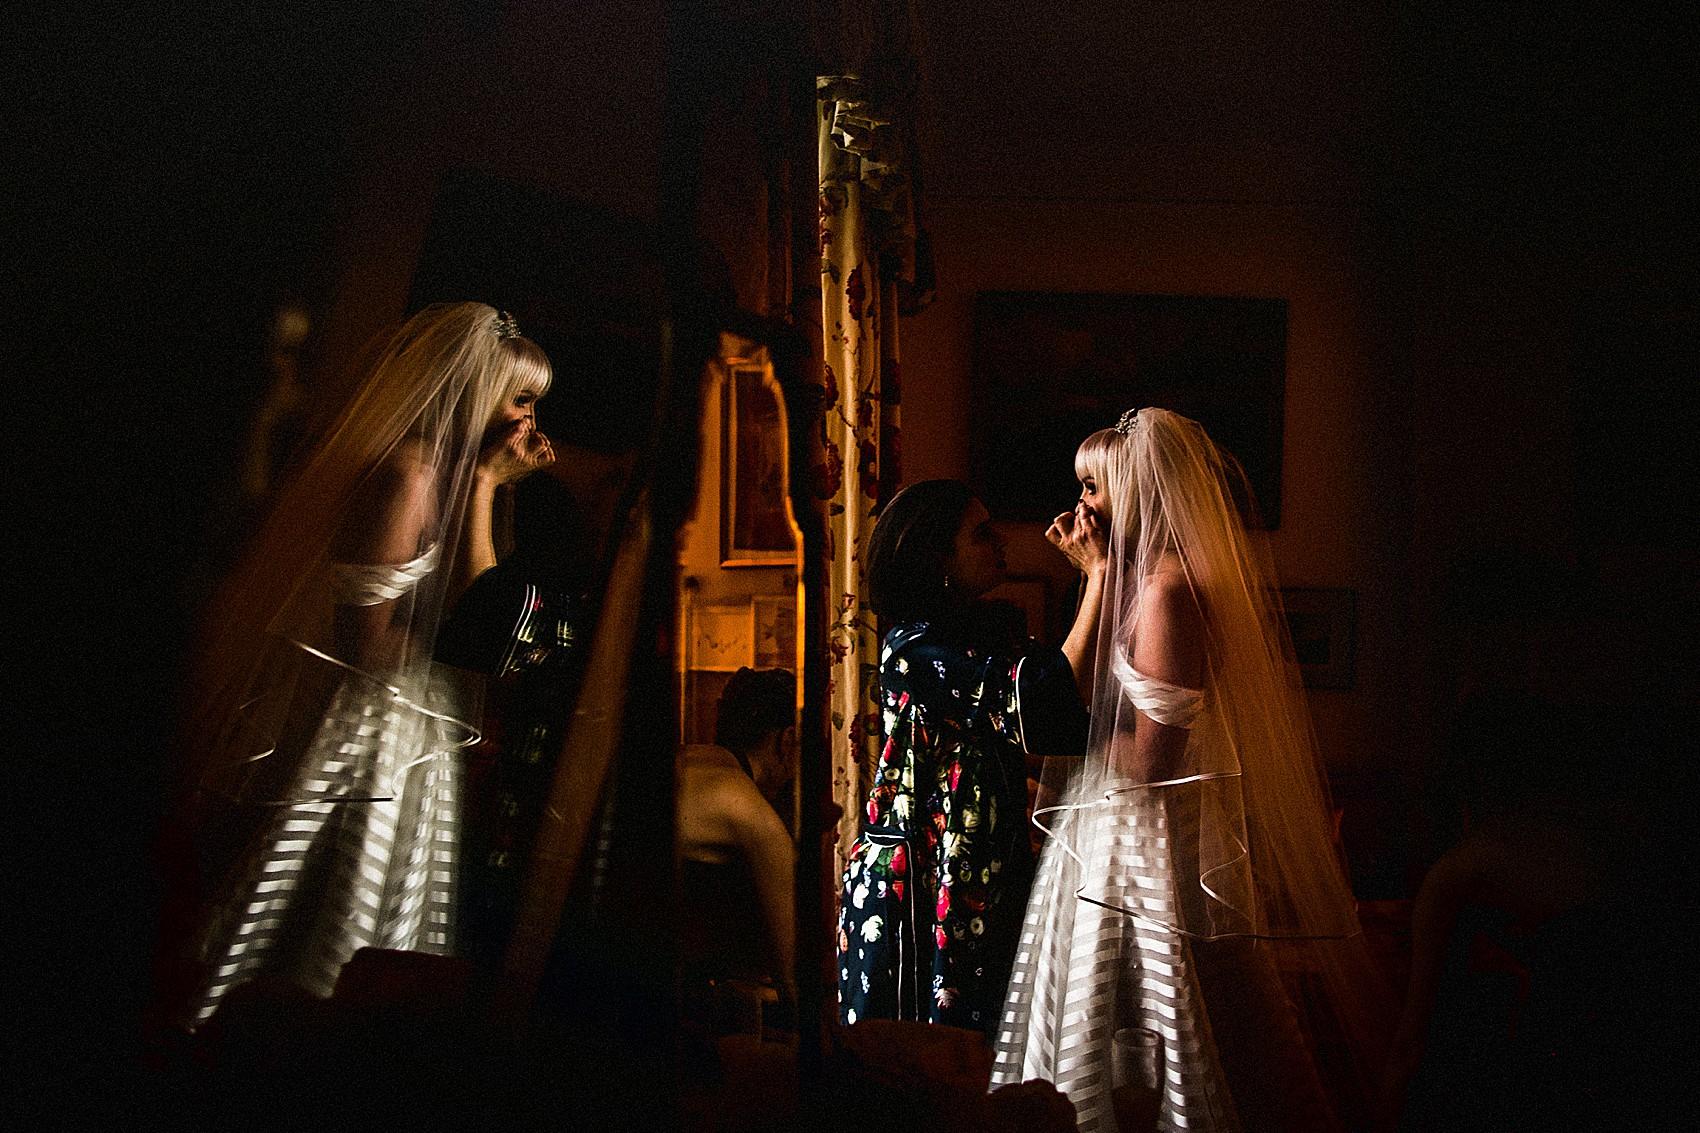 A Striped Hayley Paige Dress Sparkly Miu Miu Platforms